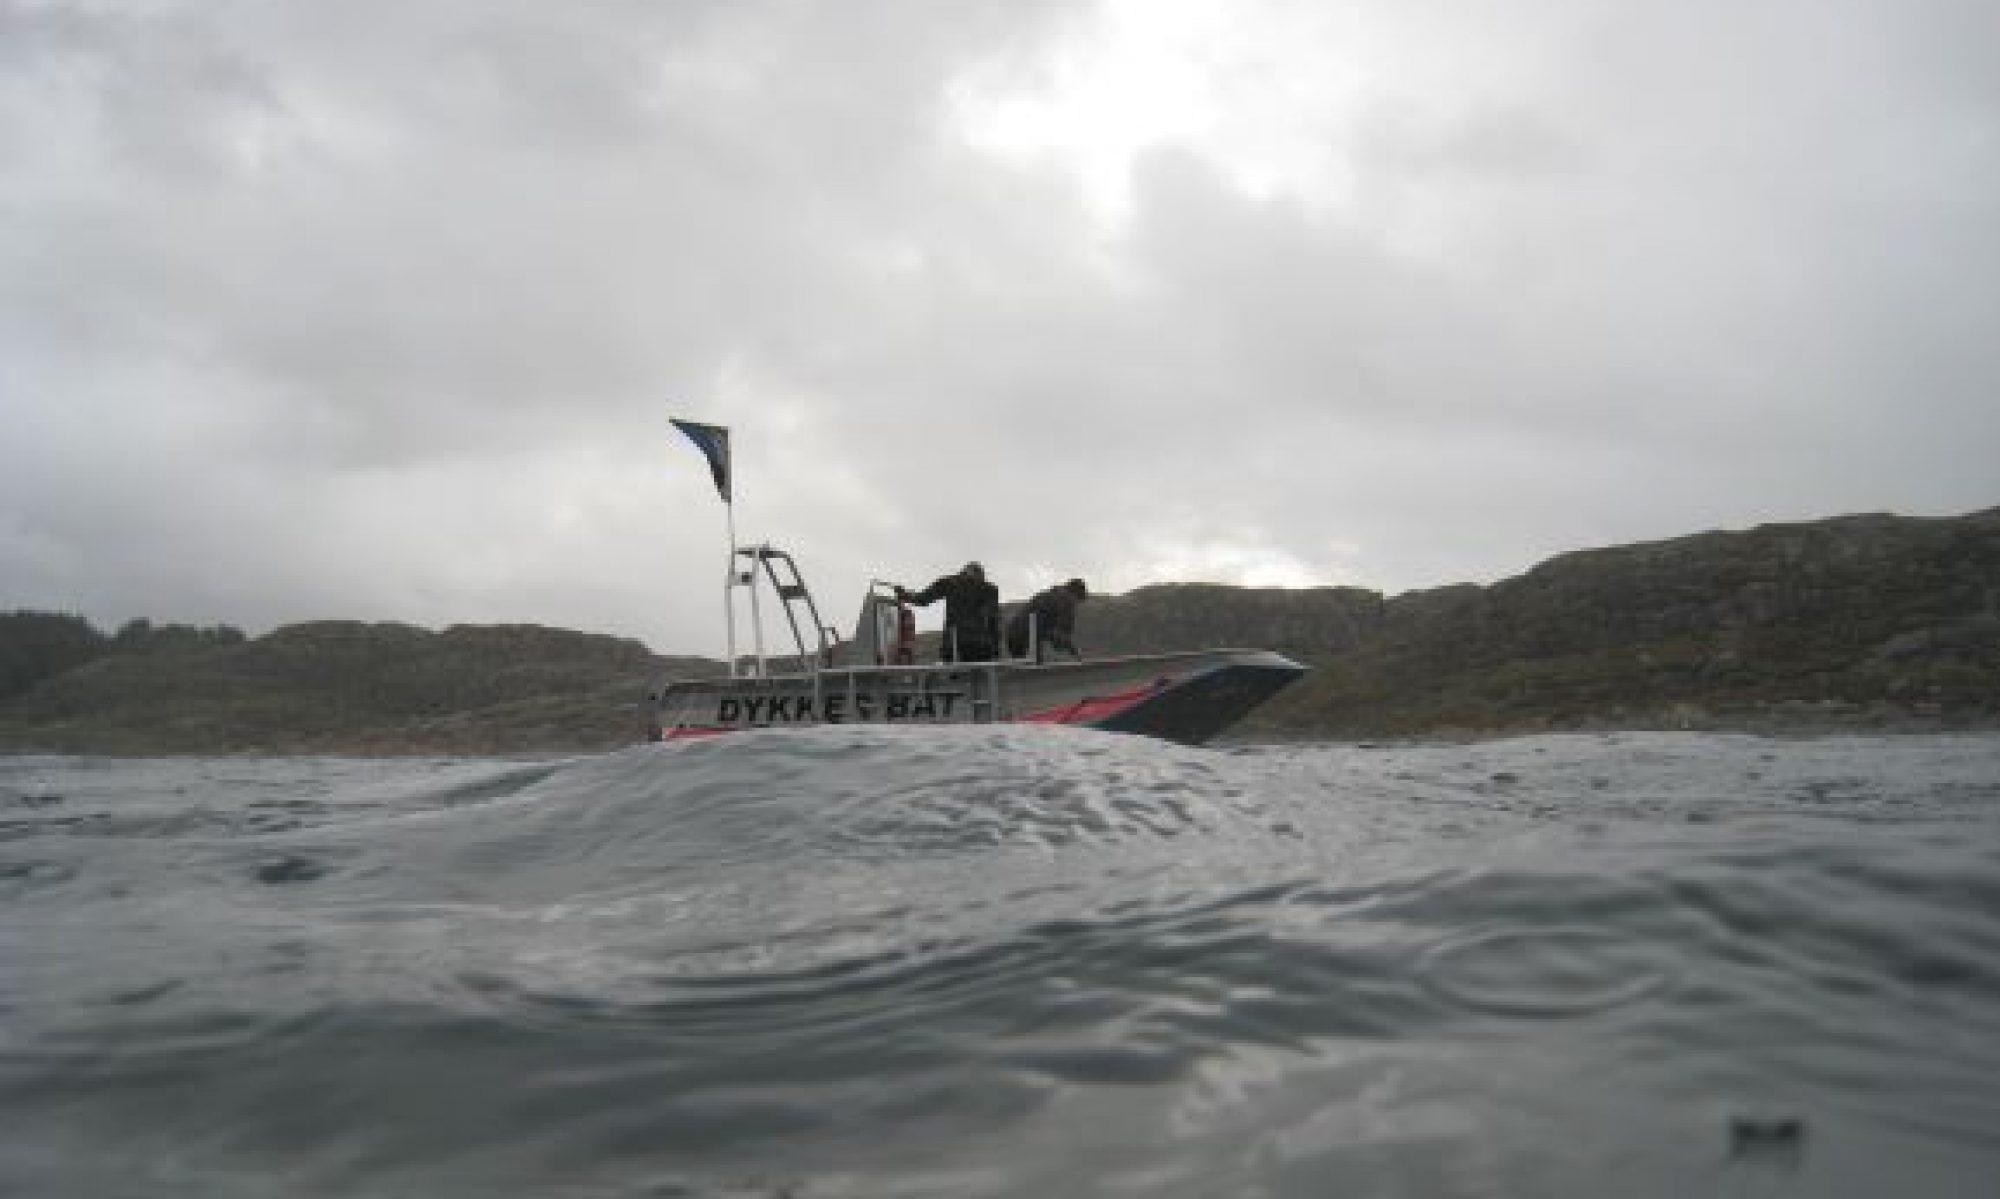 Sande Dykkerklubb